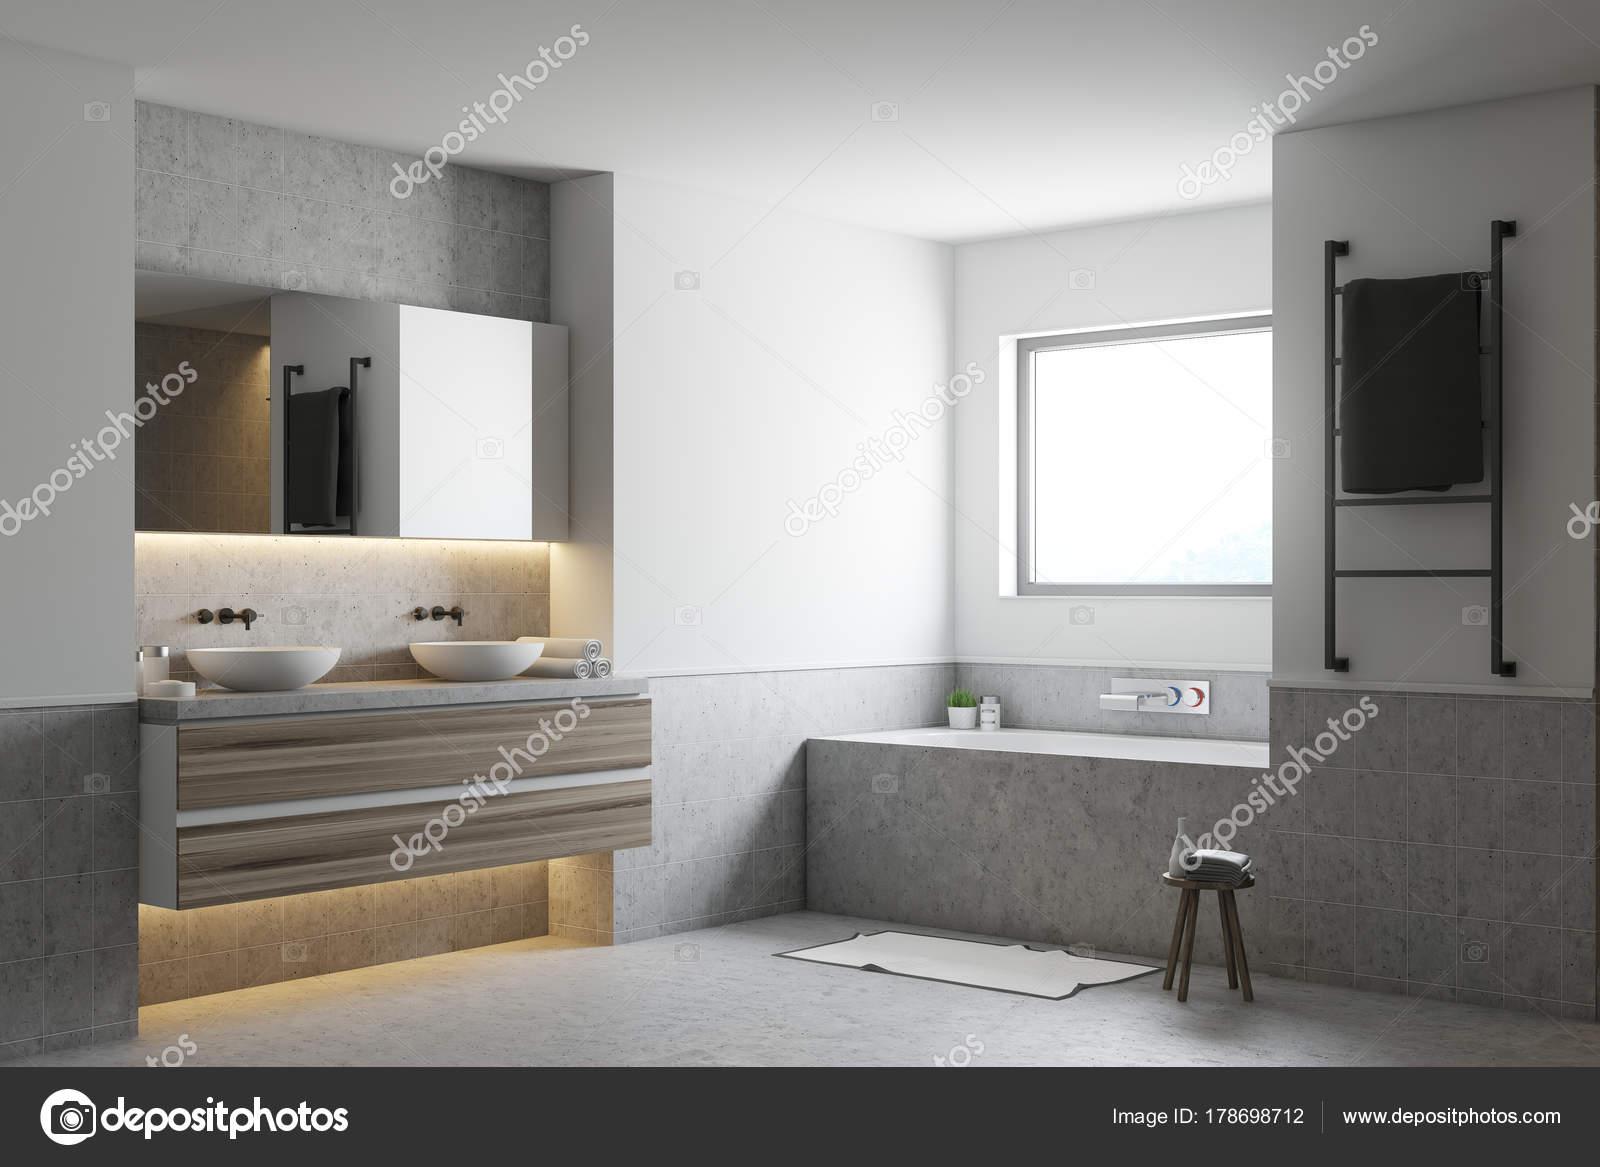 Witte badkamer hoek, grijze badkuip en wastafels — Stockfoto ...